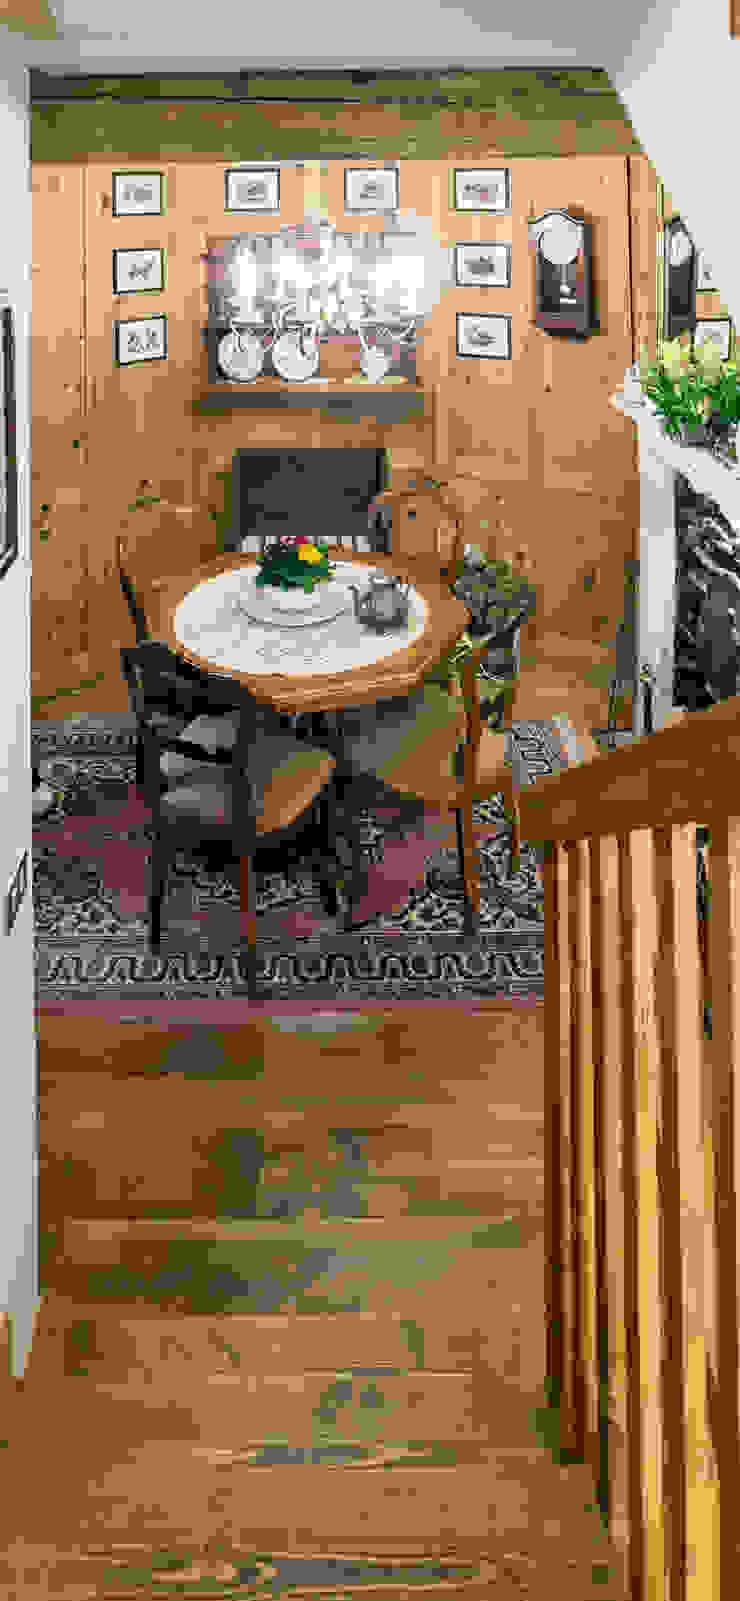 L'Antica s.a.s. Pasillos, vestíbulos y escaleras de estilo moderno